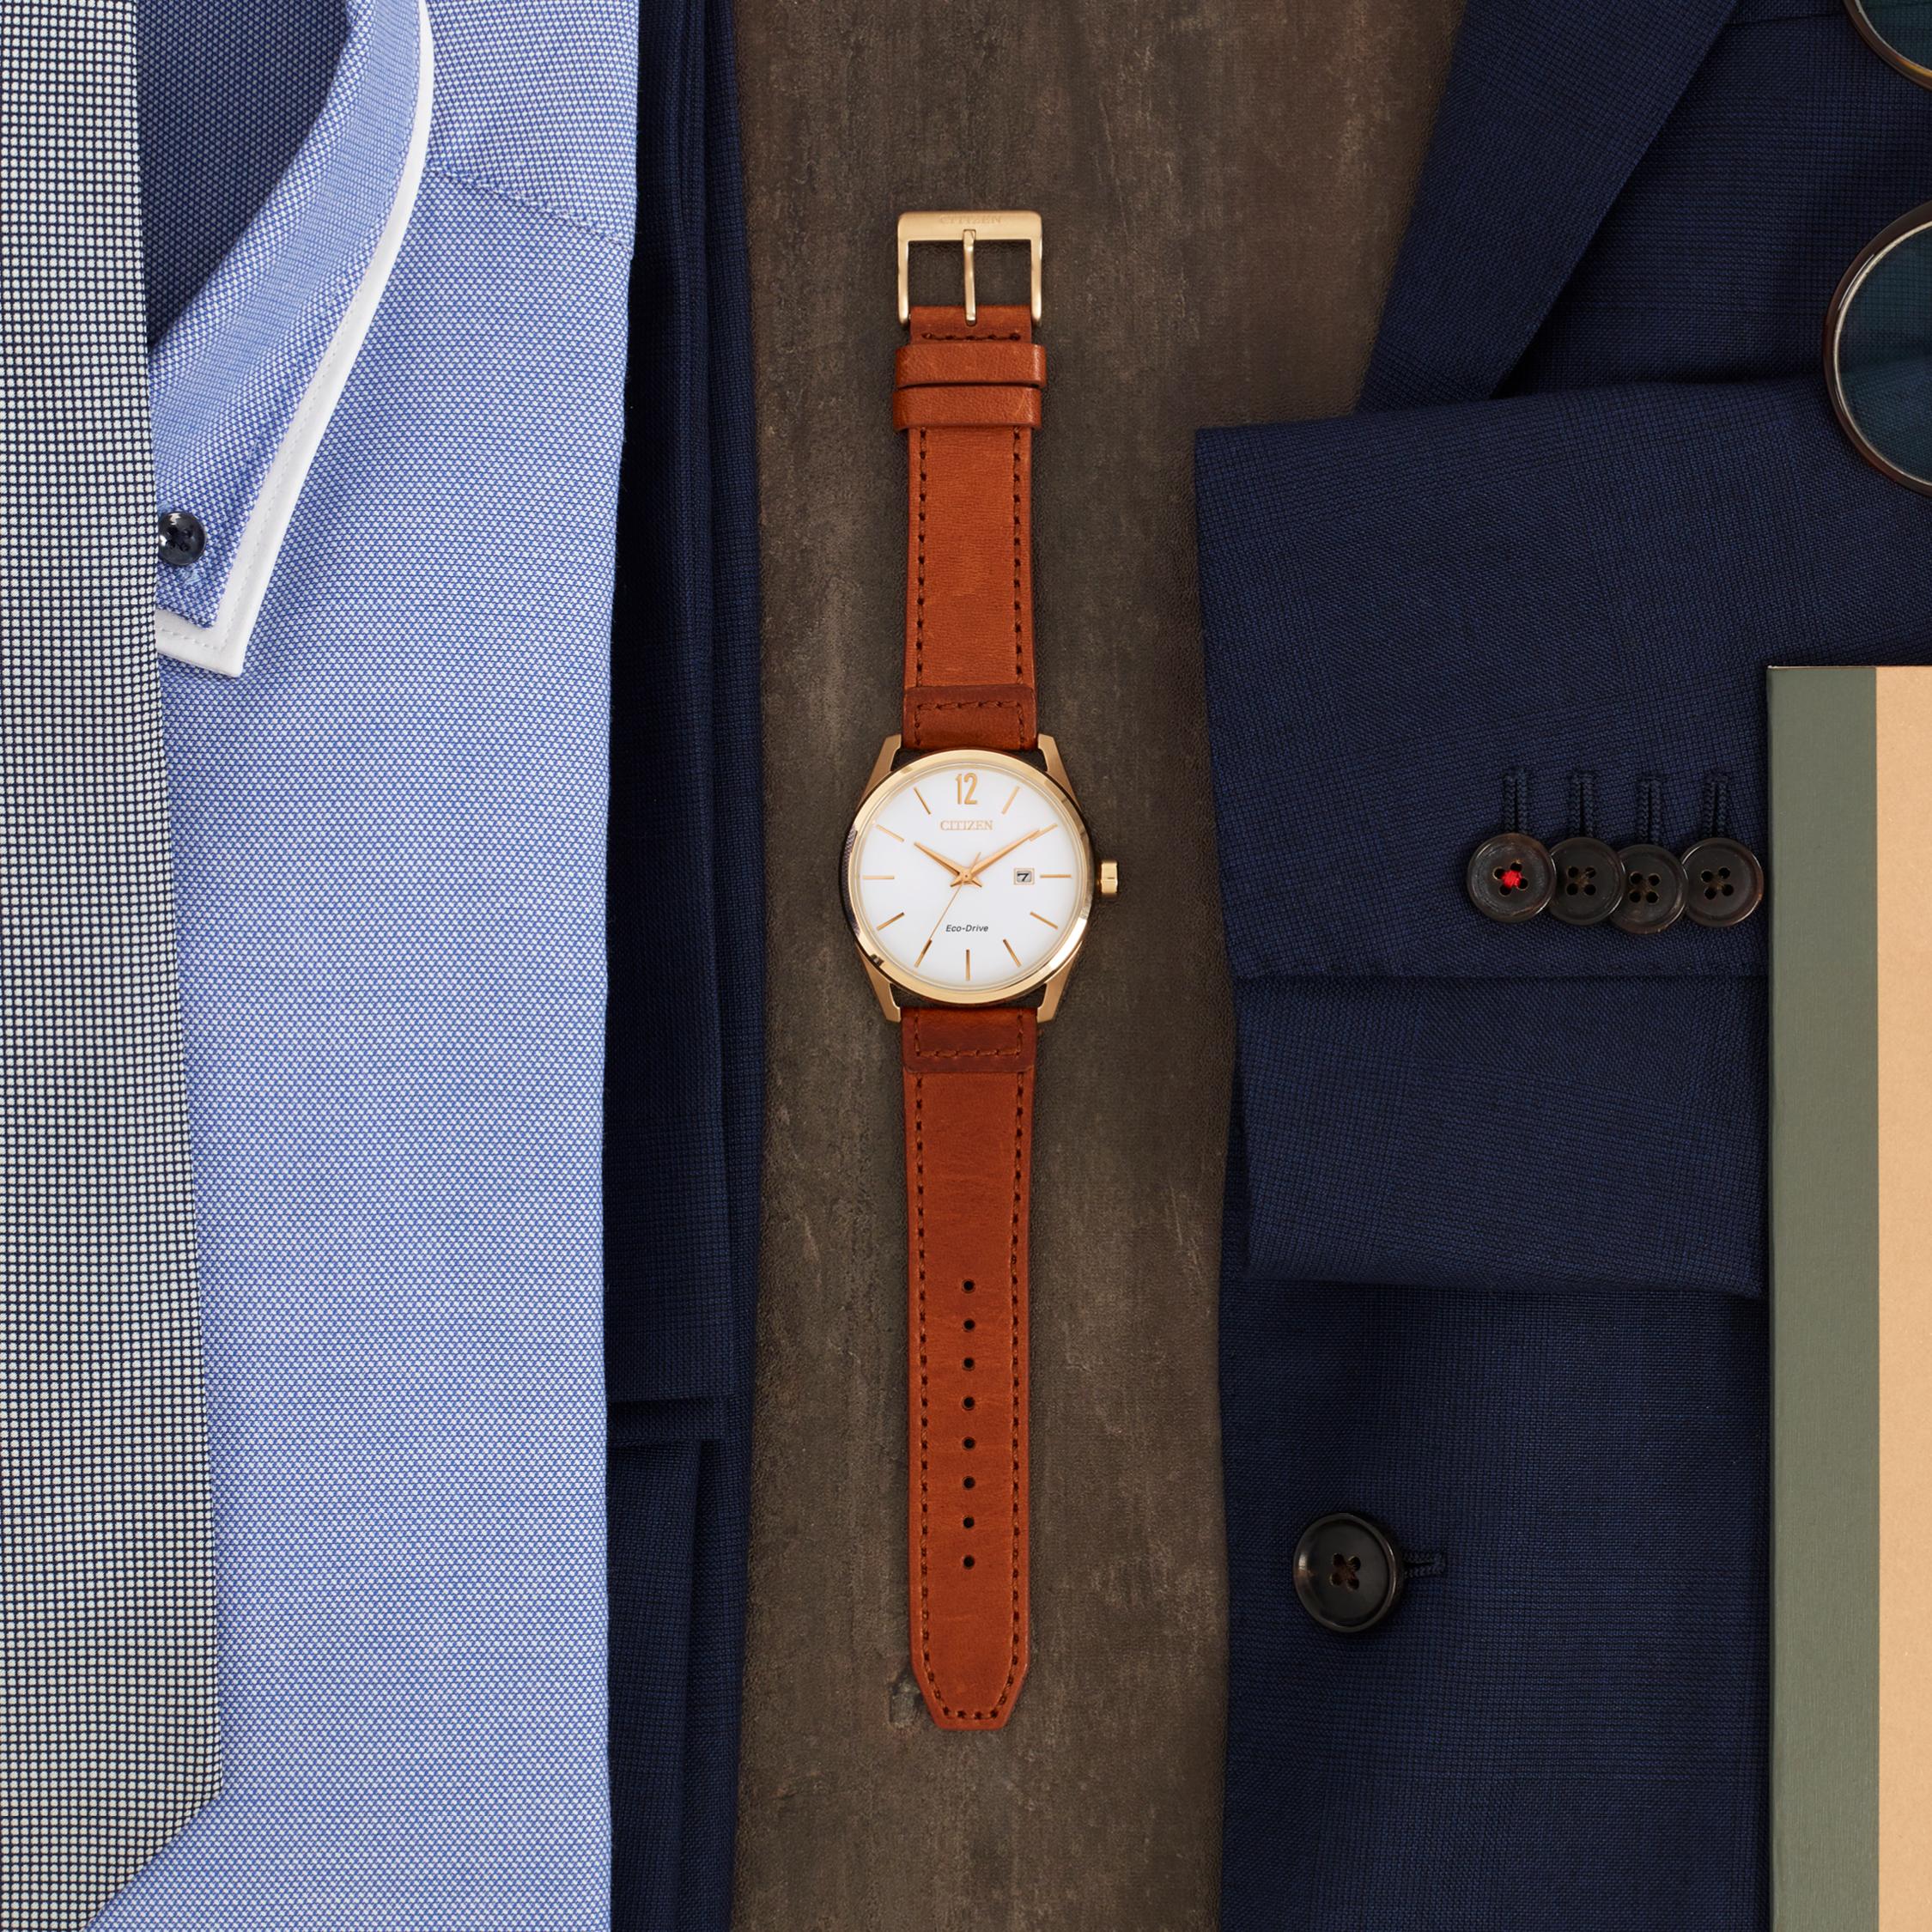 Citizen watch 1d.jpg